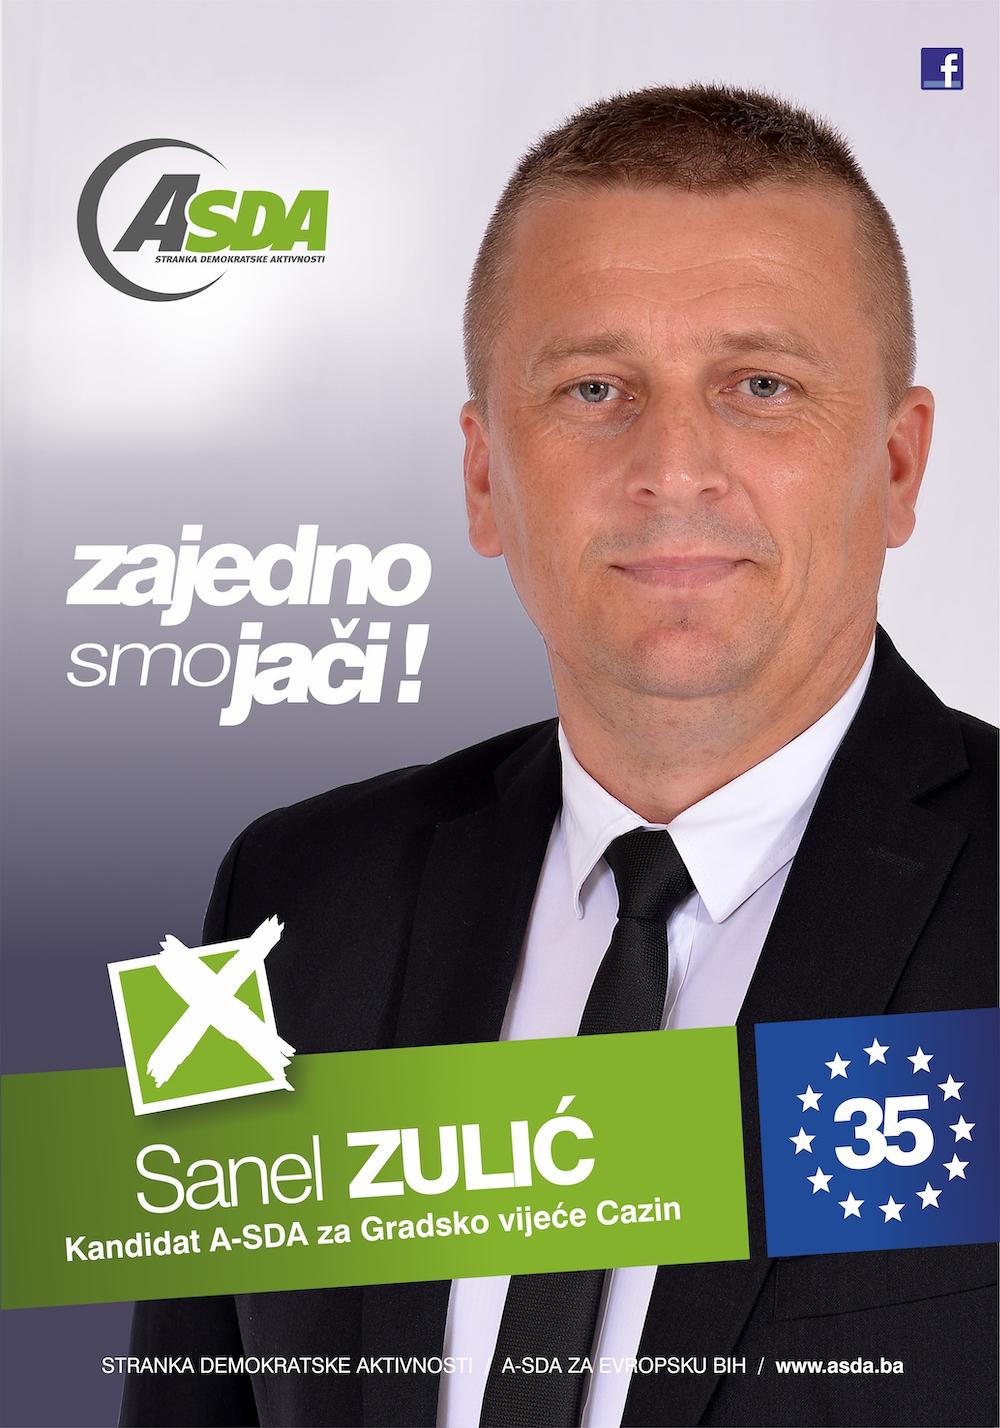 Sanel Zulić